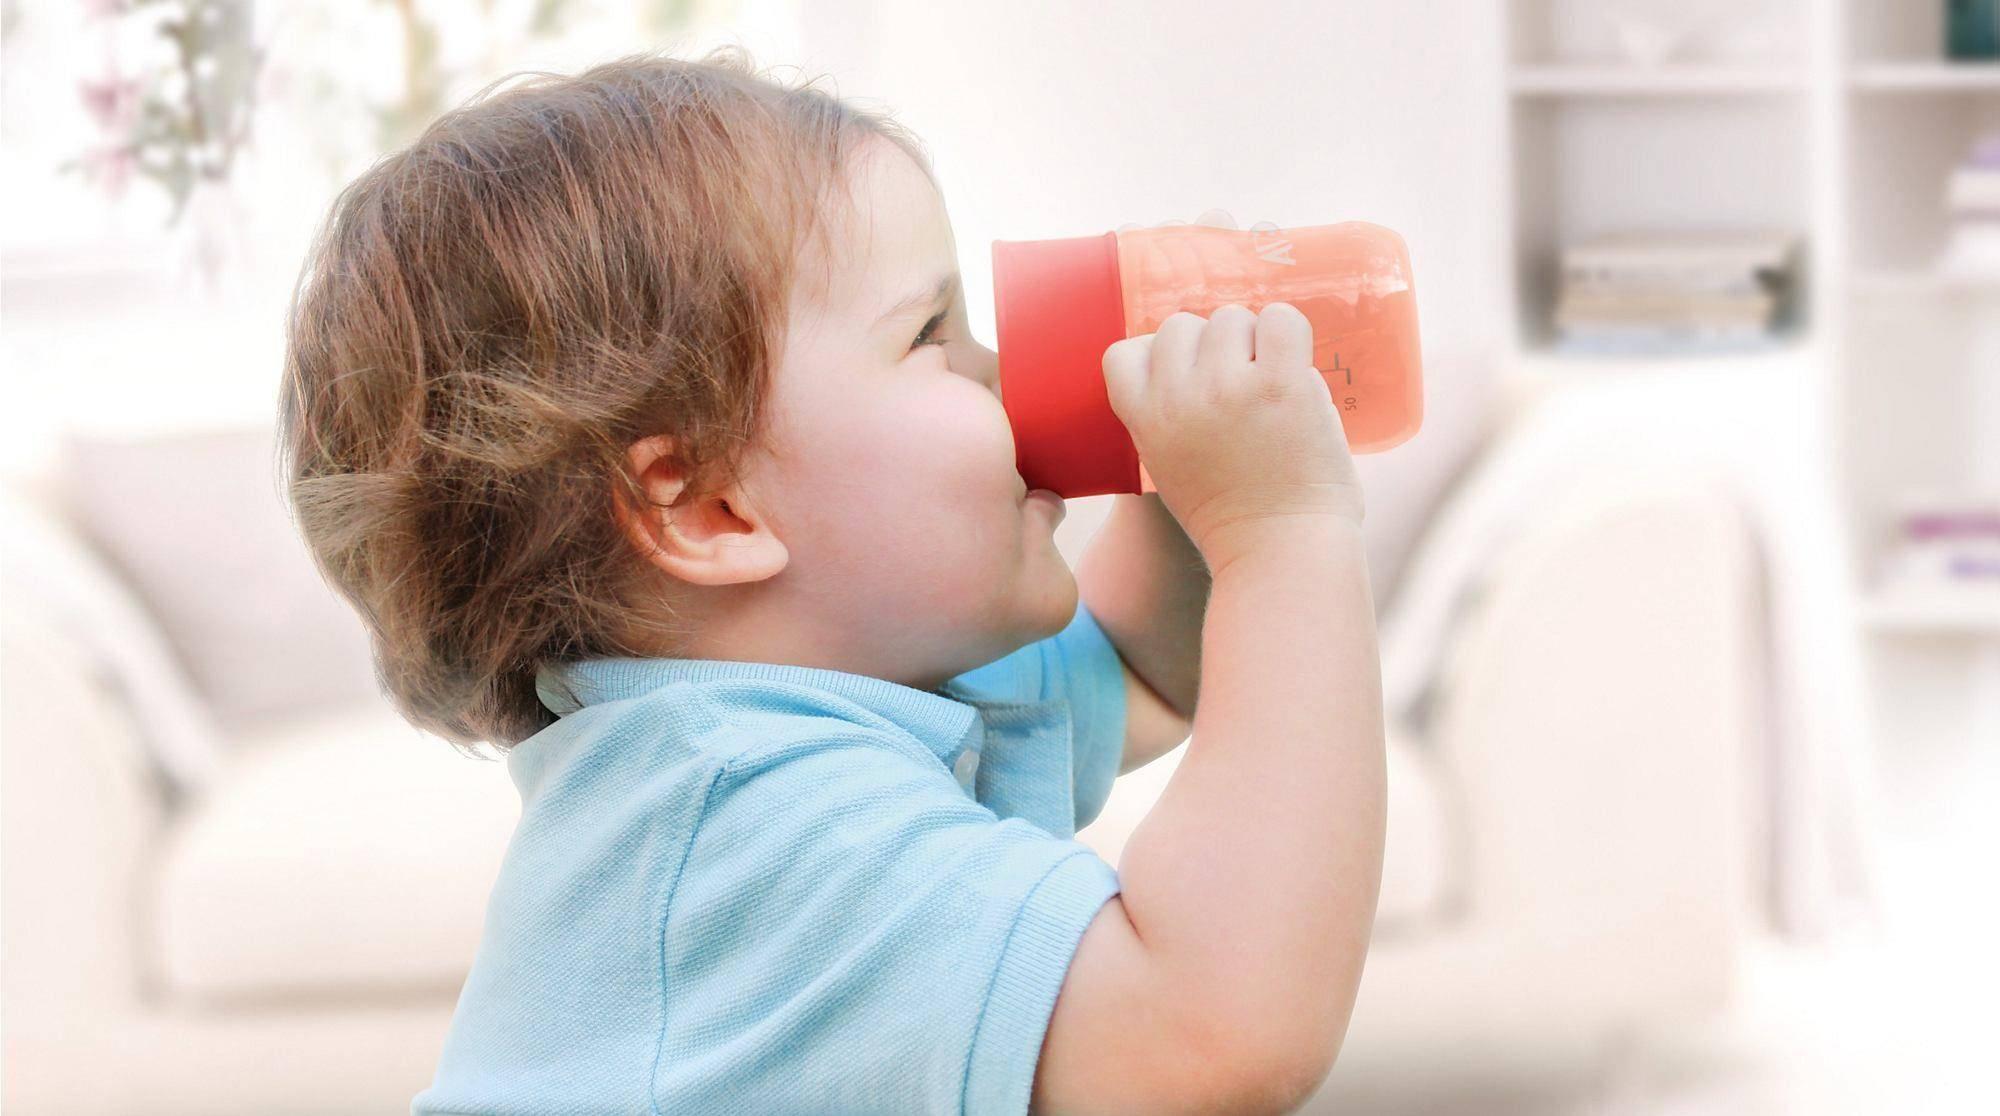 Как научить ребенка пить из кружки самостоятельно - методы и советы